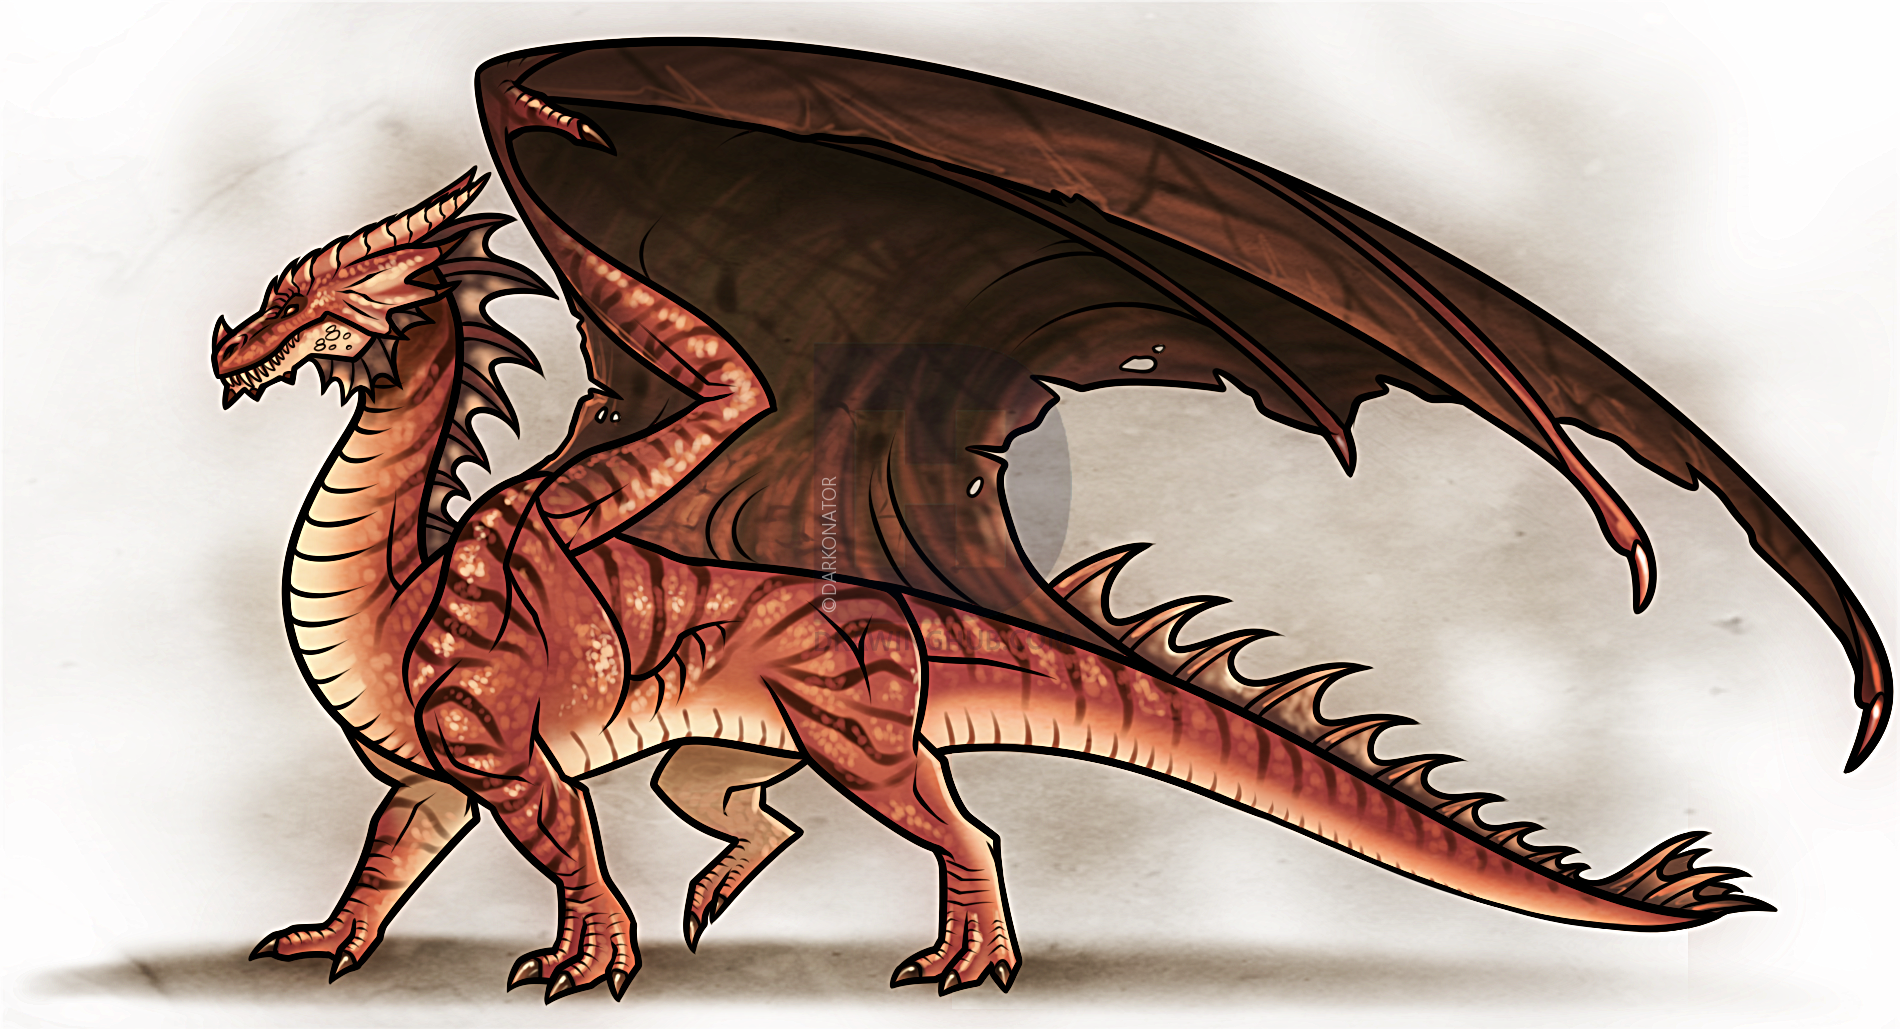 Картинка дракона рисунок